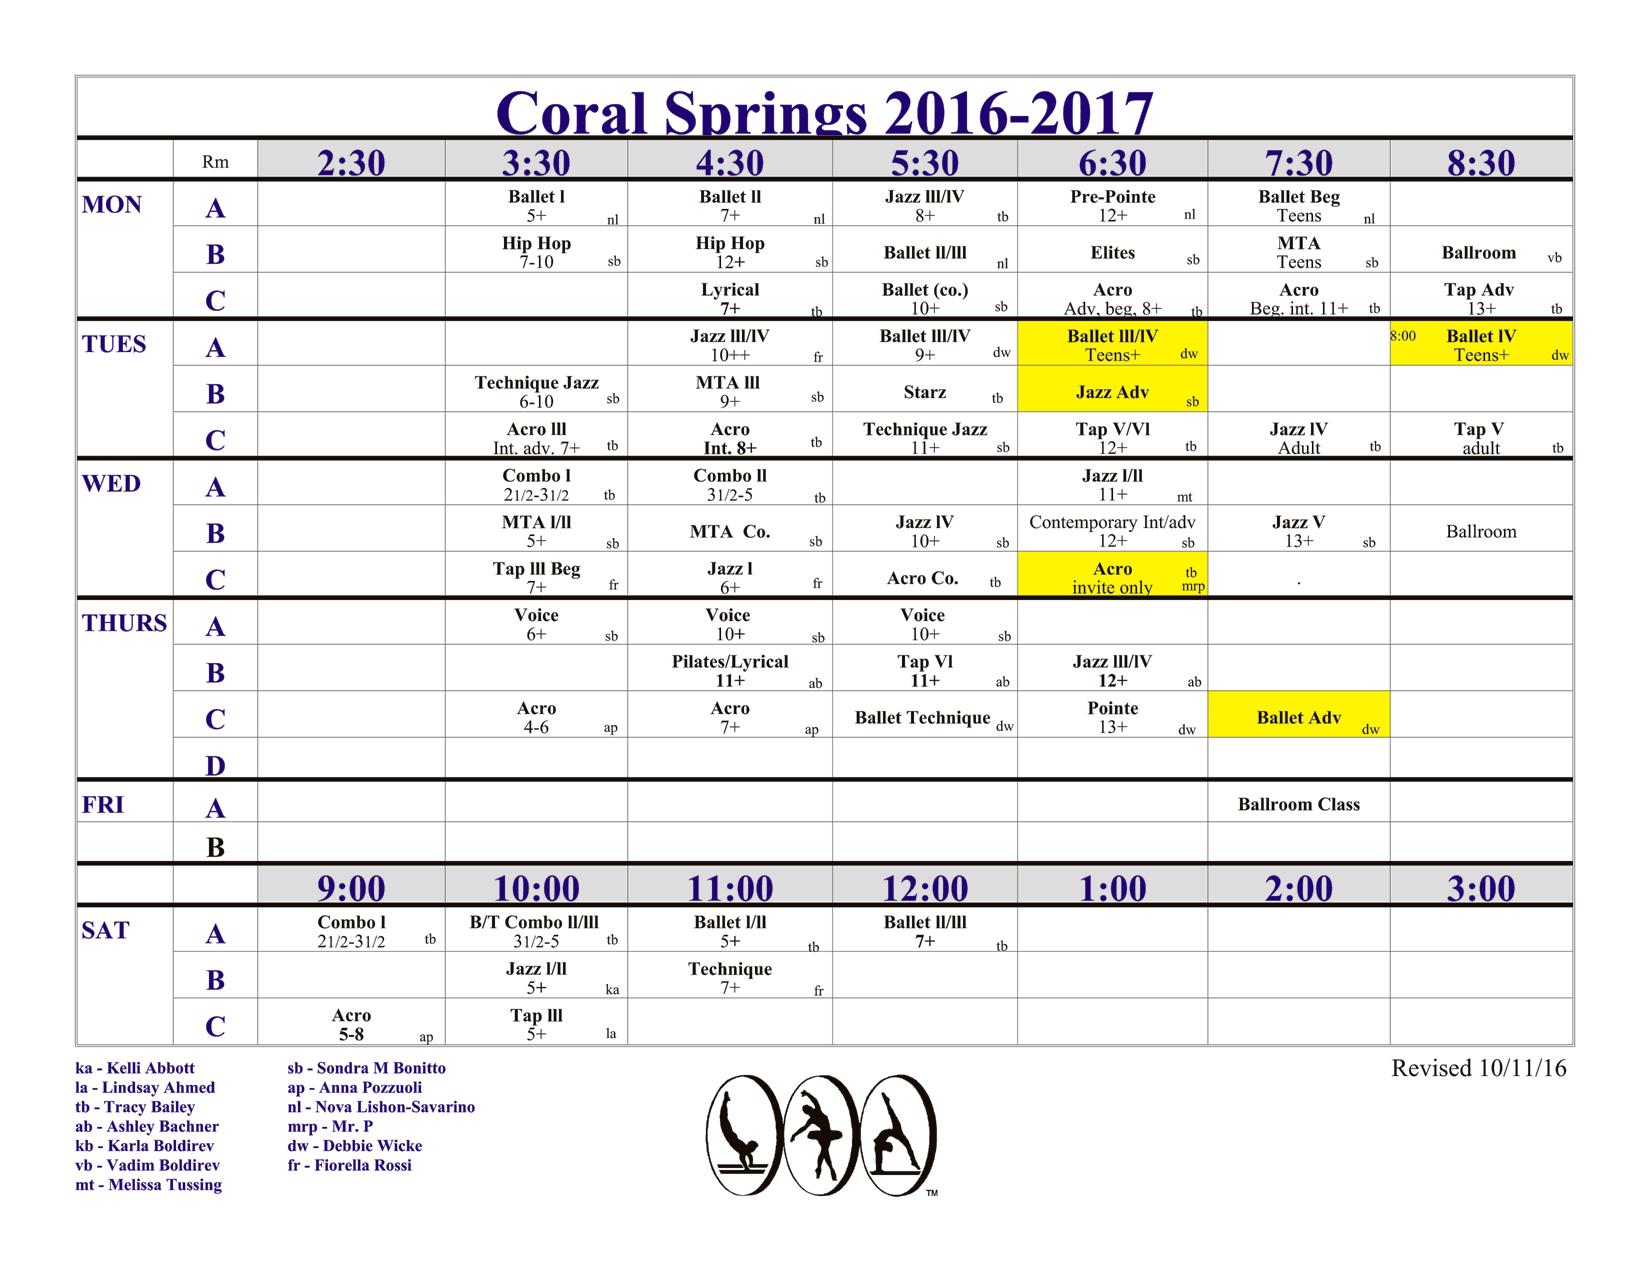 Class Schedule, updated 10/11/16